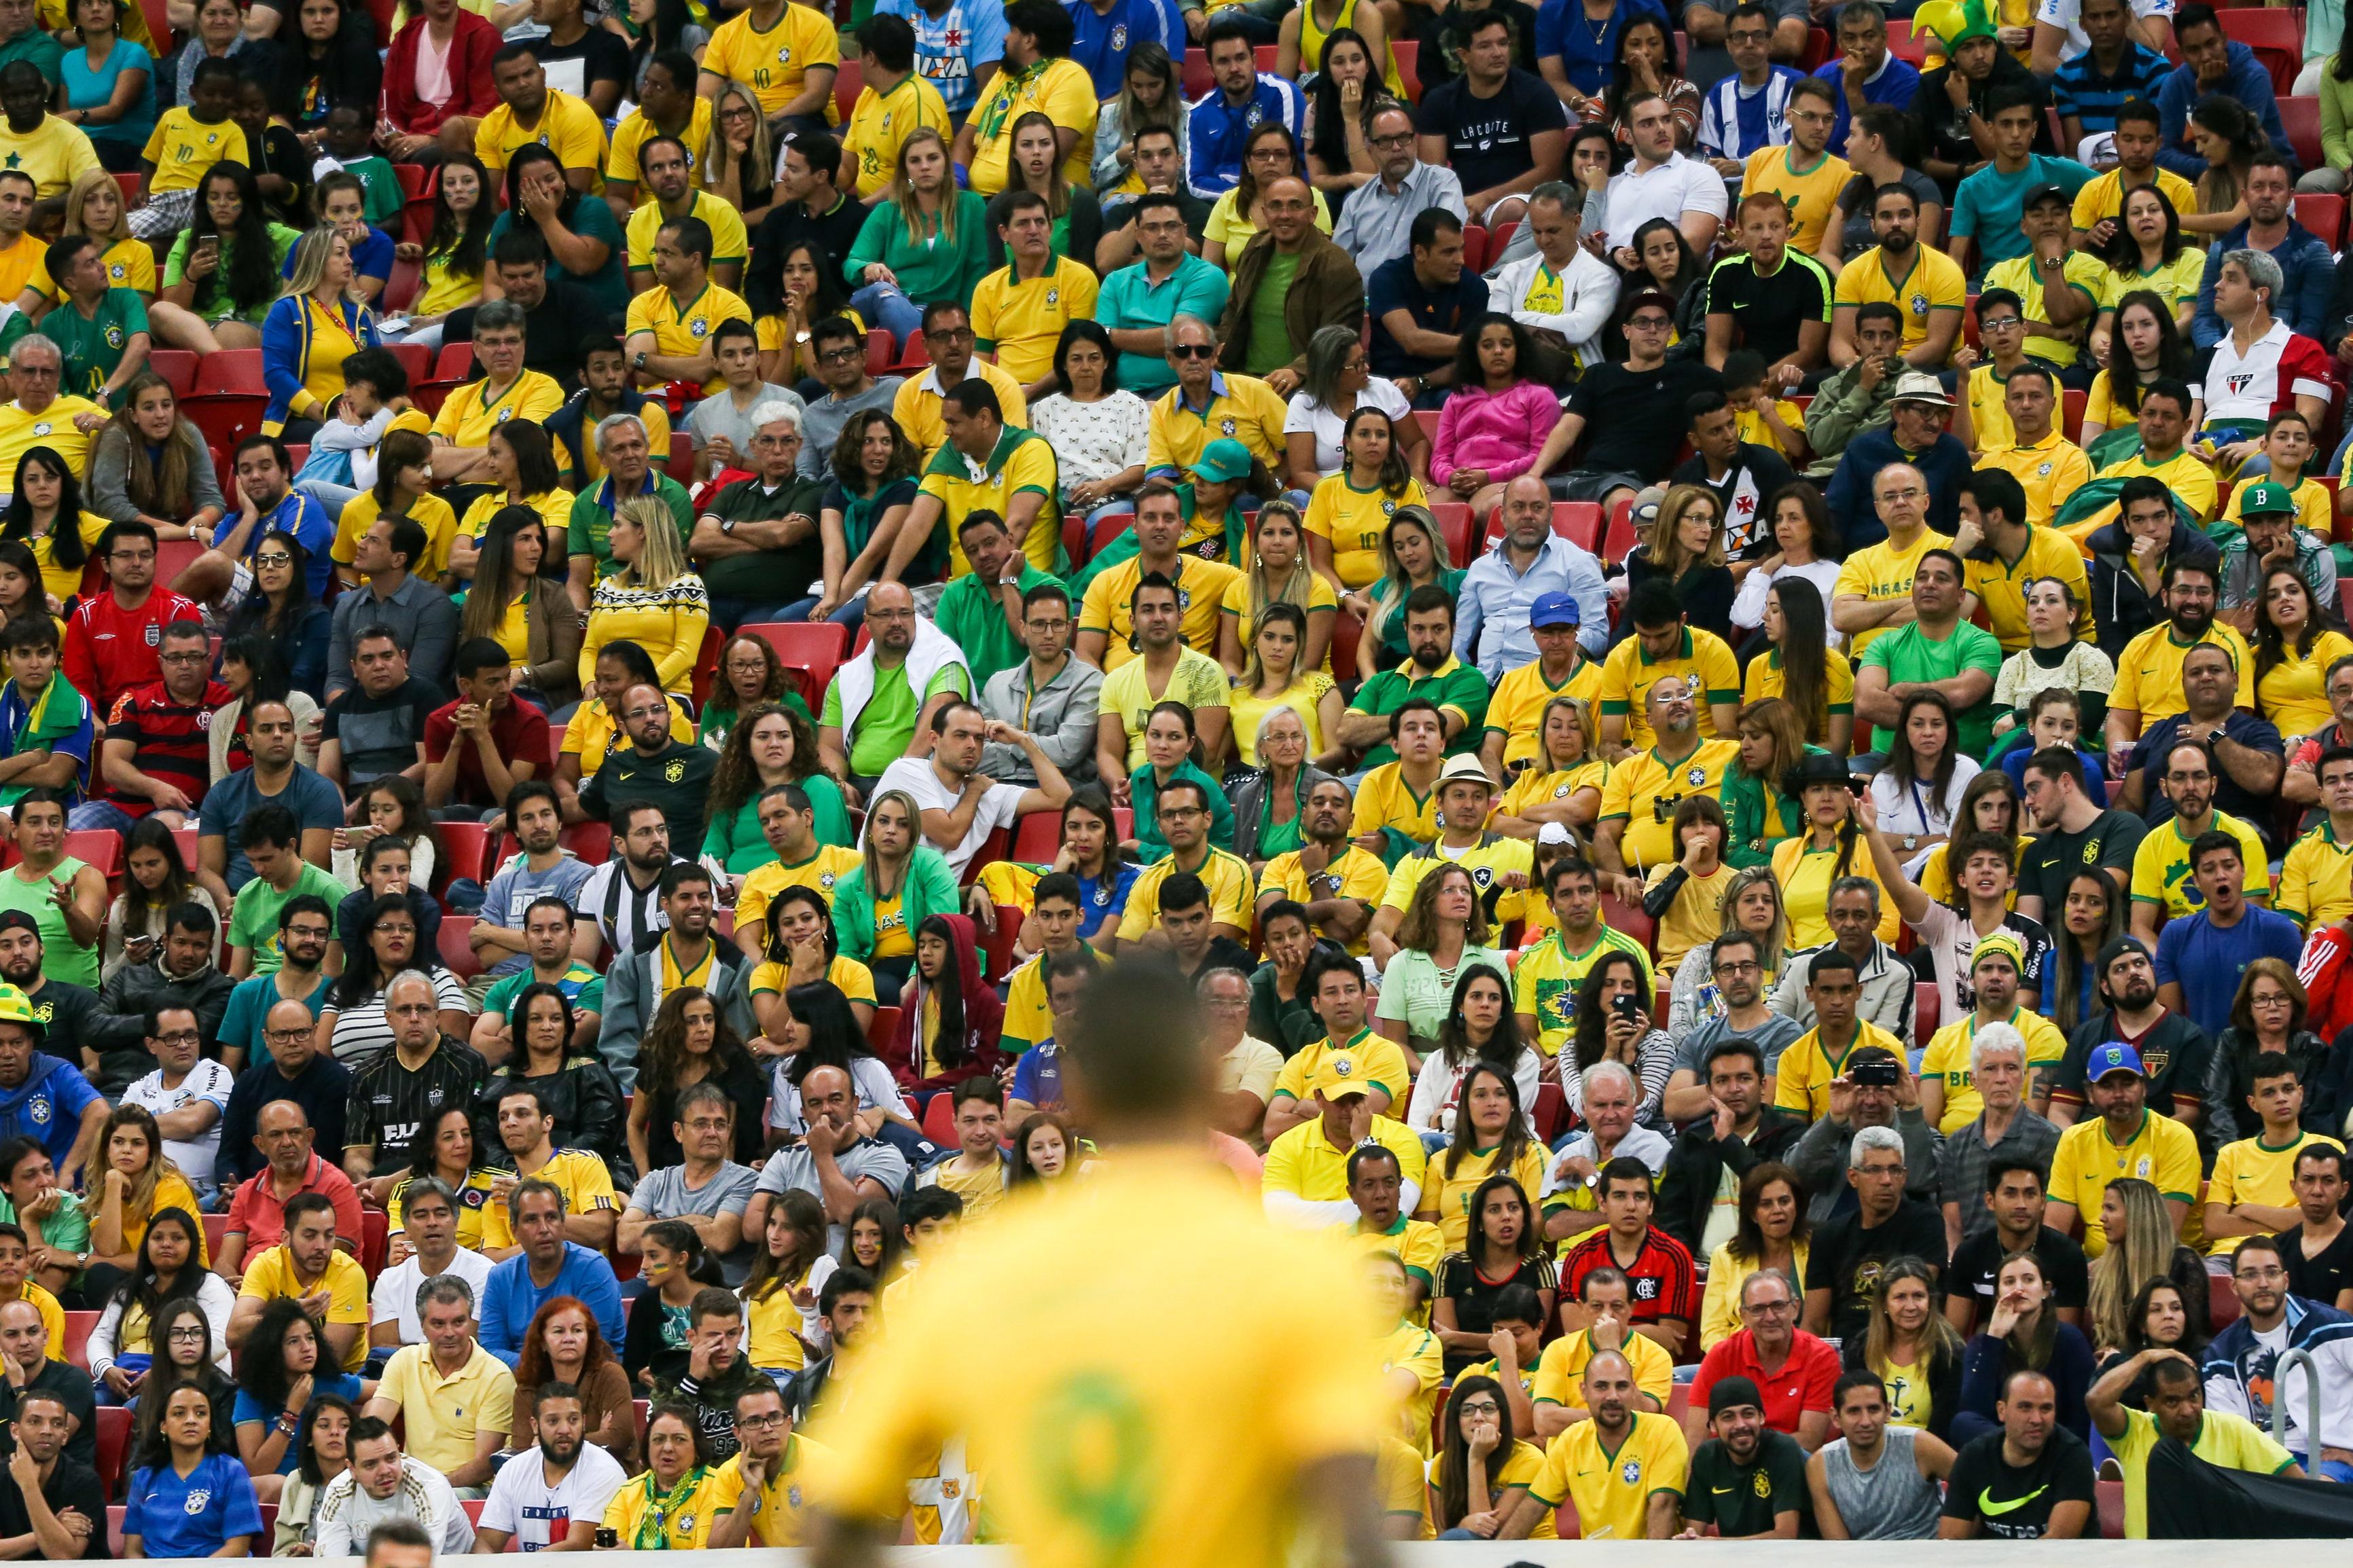 82c7ce1b22cbe Brasília - A Seleção Brasileira enfrenta o Iraque pela primeira fase do  futebol olímpico